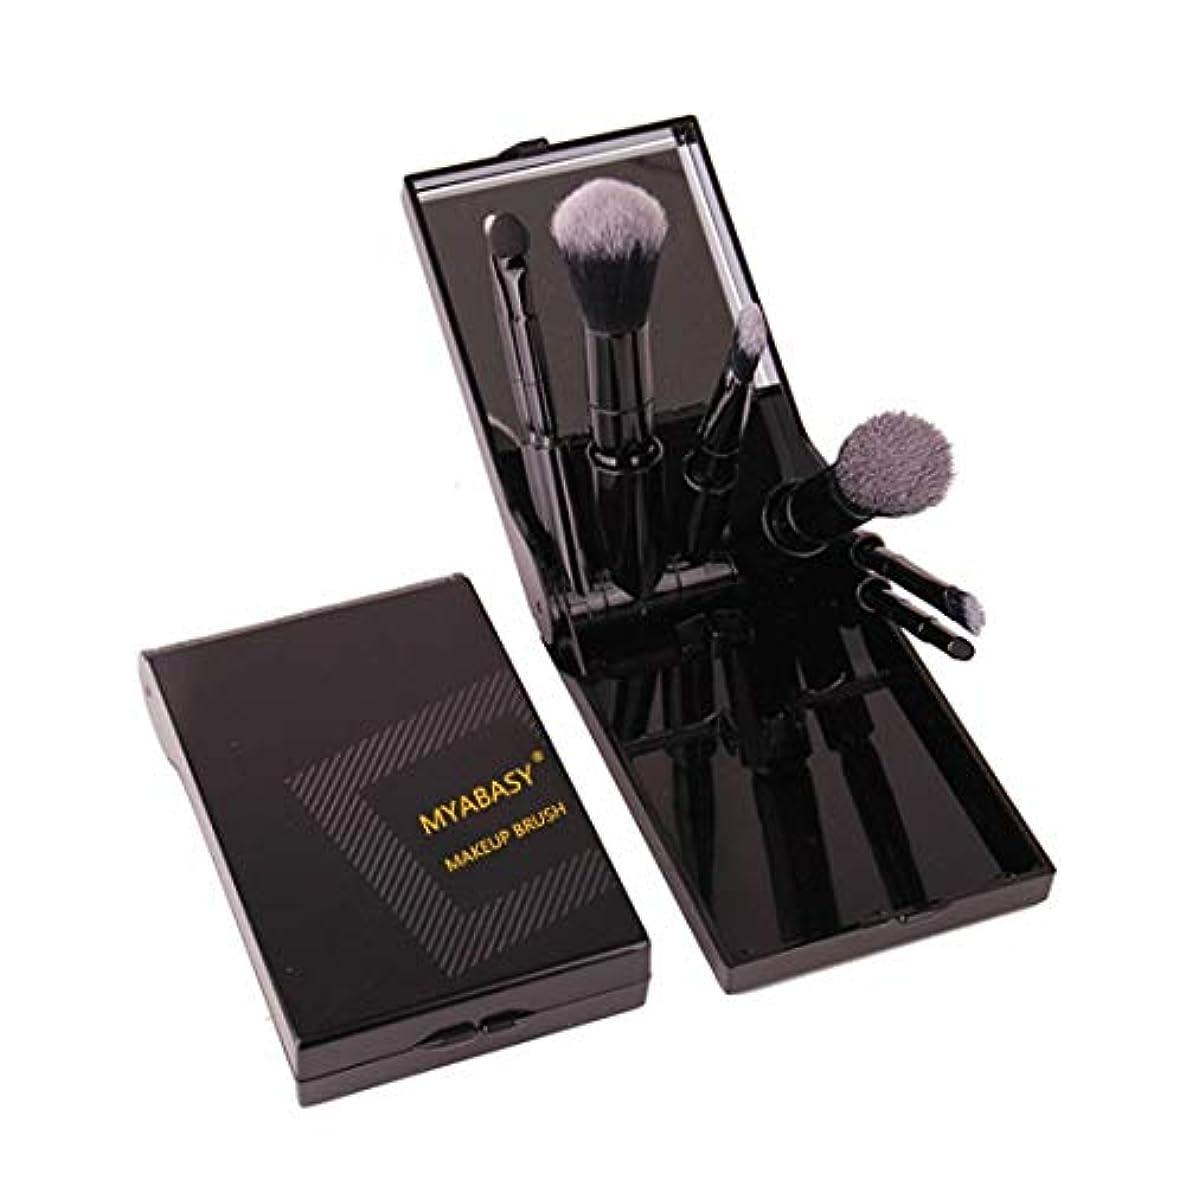 事実呪い届けるMakeup brushes アイシャドウとその他の観賞用、赤面、ファンデーションに適している、7メイクアップブラシ suits (Color : Black)